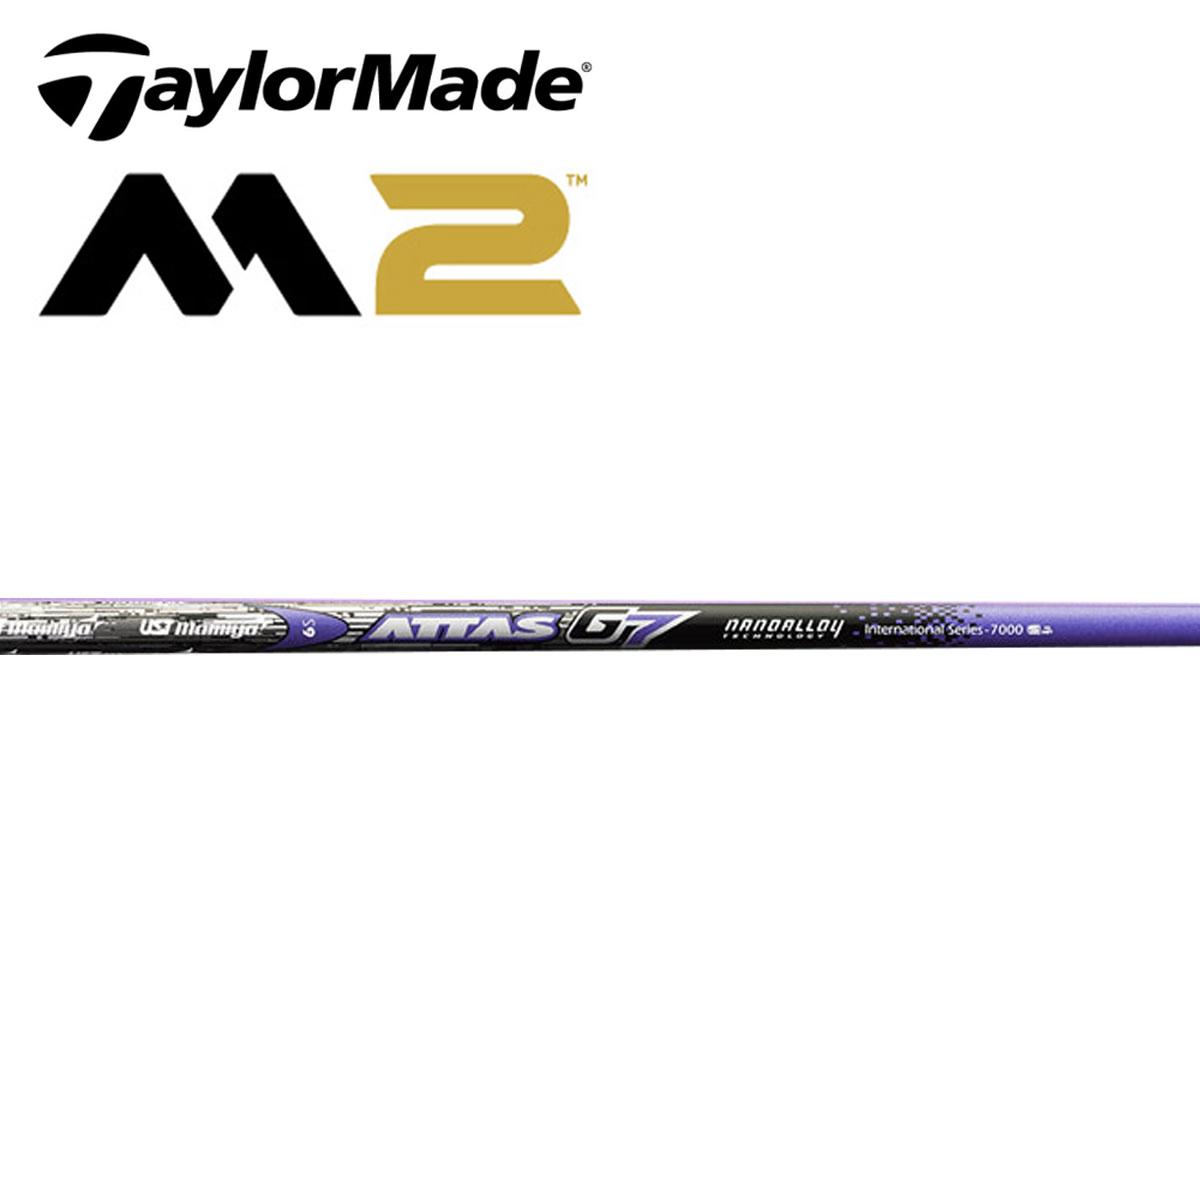 ATTAS G7シリーズ M2 ドライバーロフト12度用スリーブ付きシャフト 2016年モデル【テーラーメイド専用】